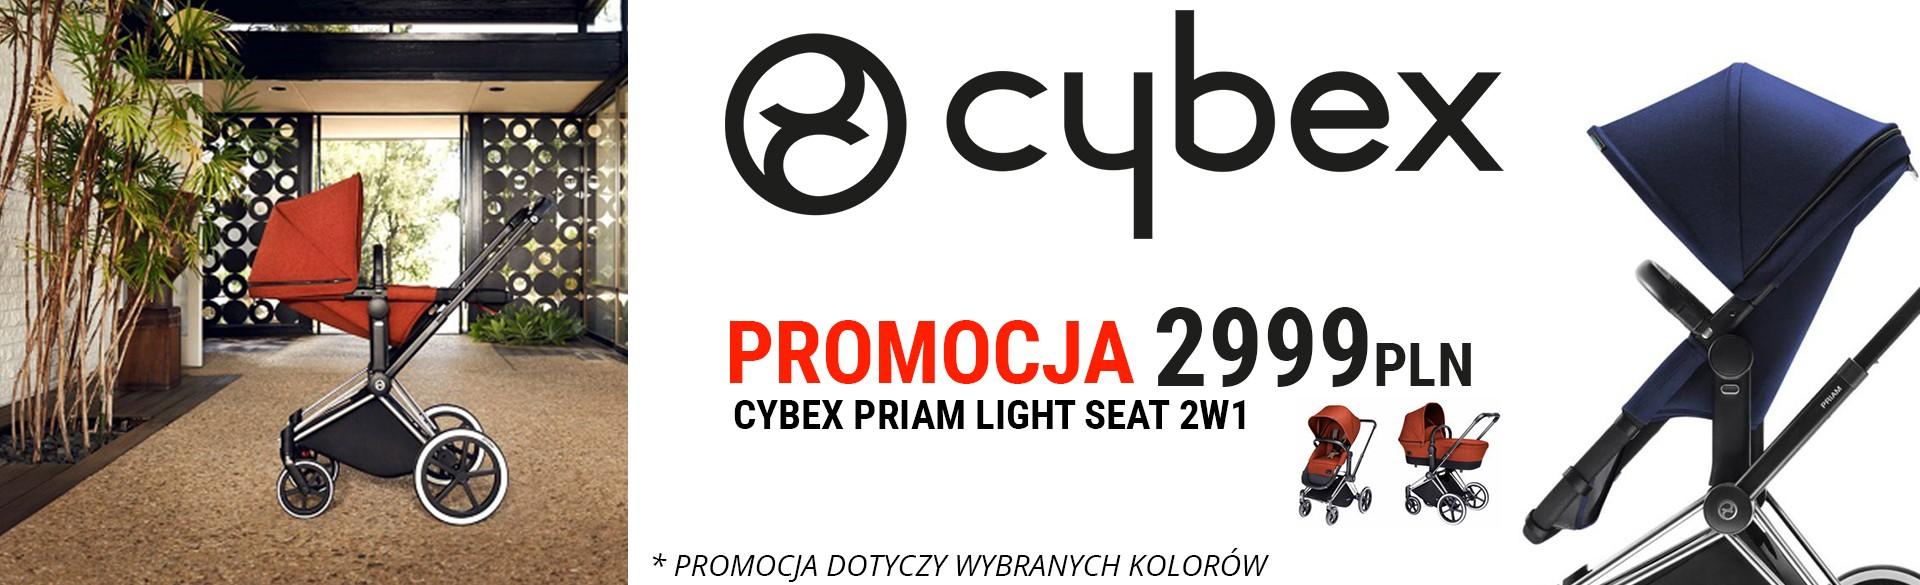 CYBEX PRIAM LIGHT SEAT 2W1